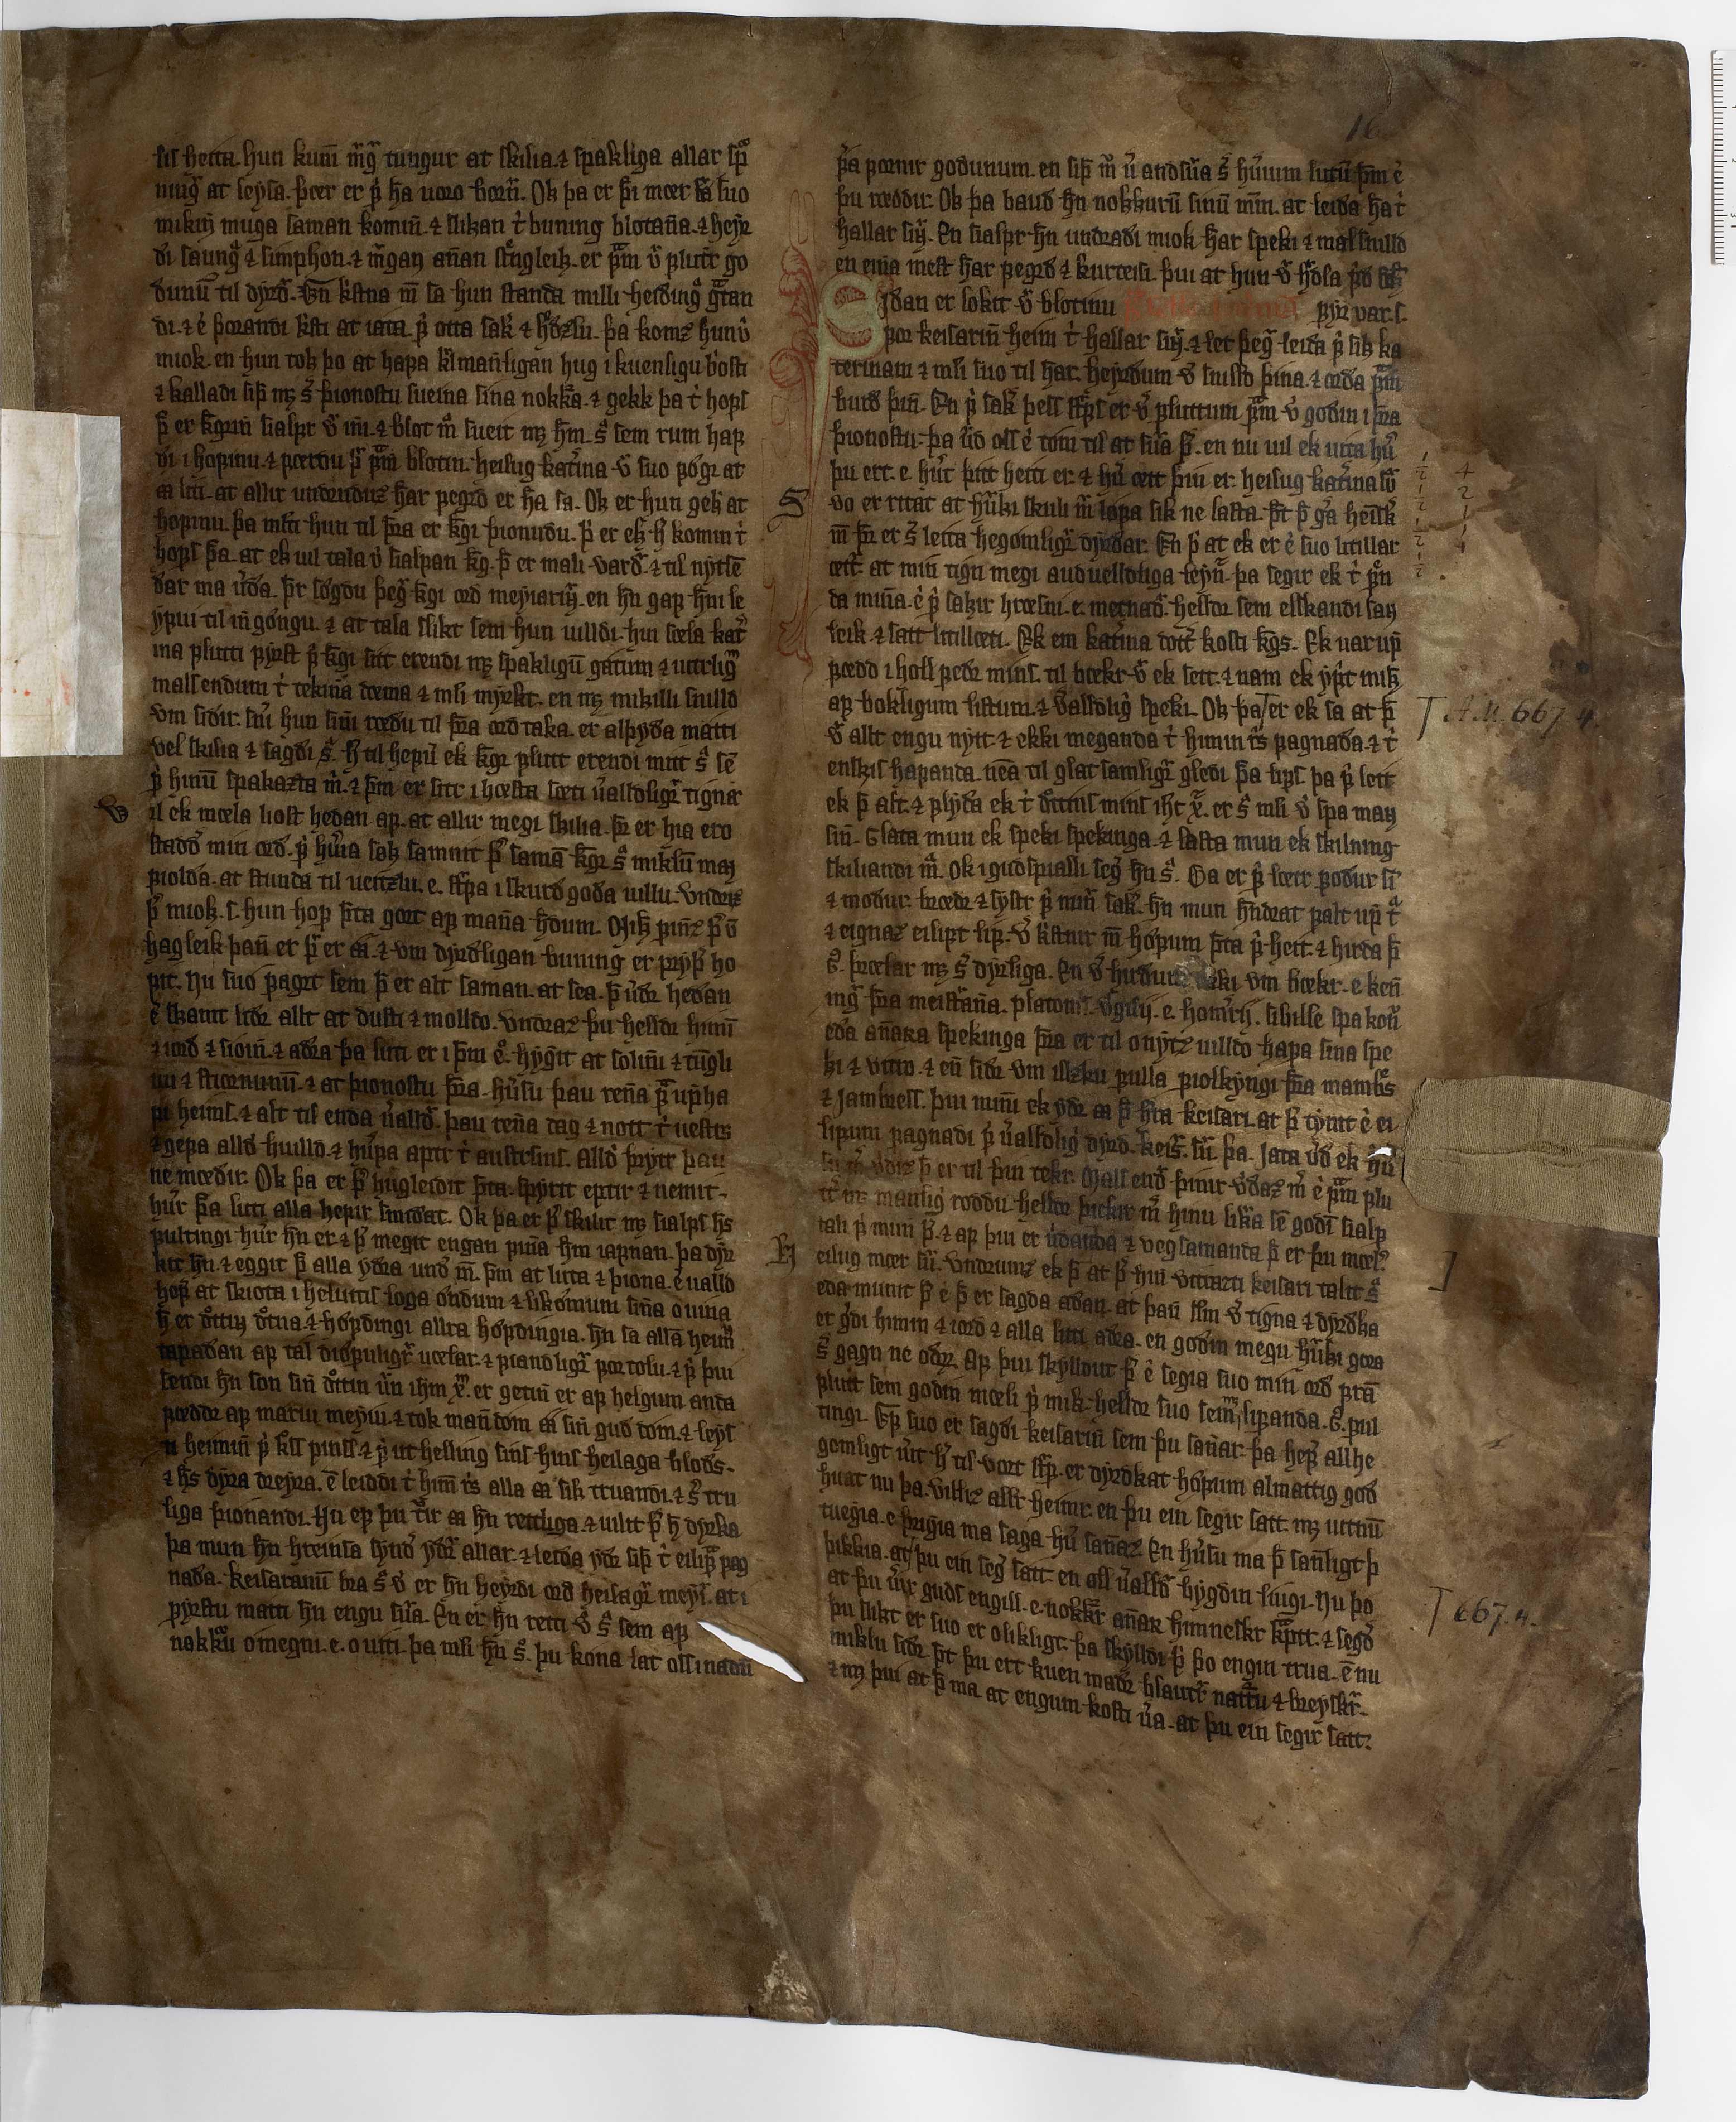 AM 233 a fol - 16r